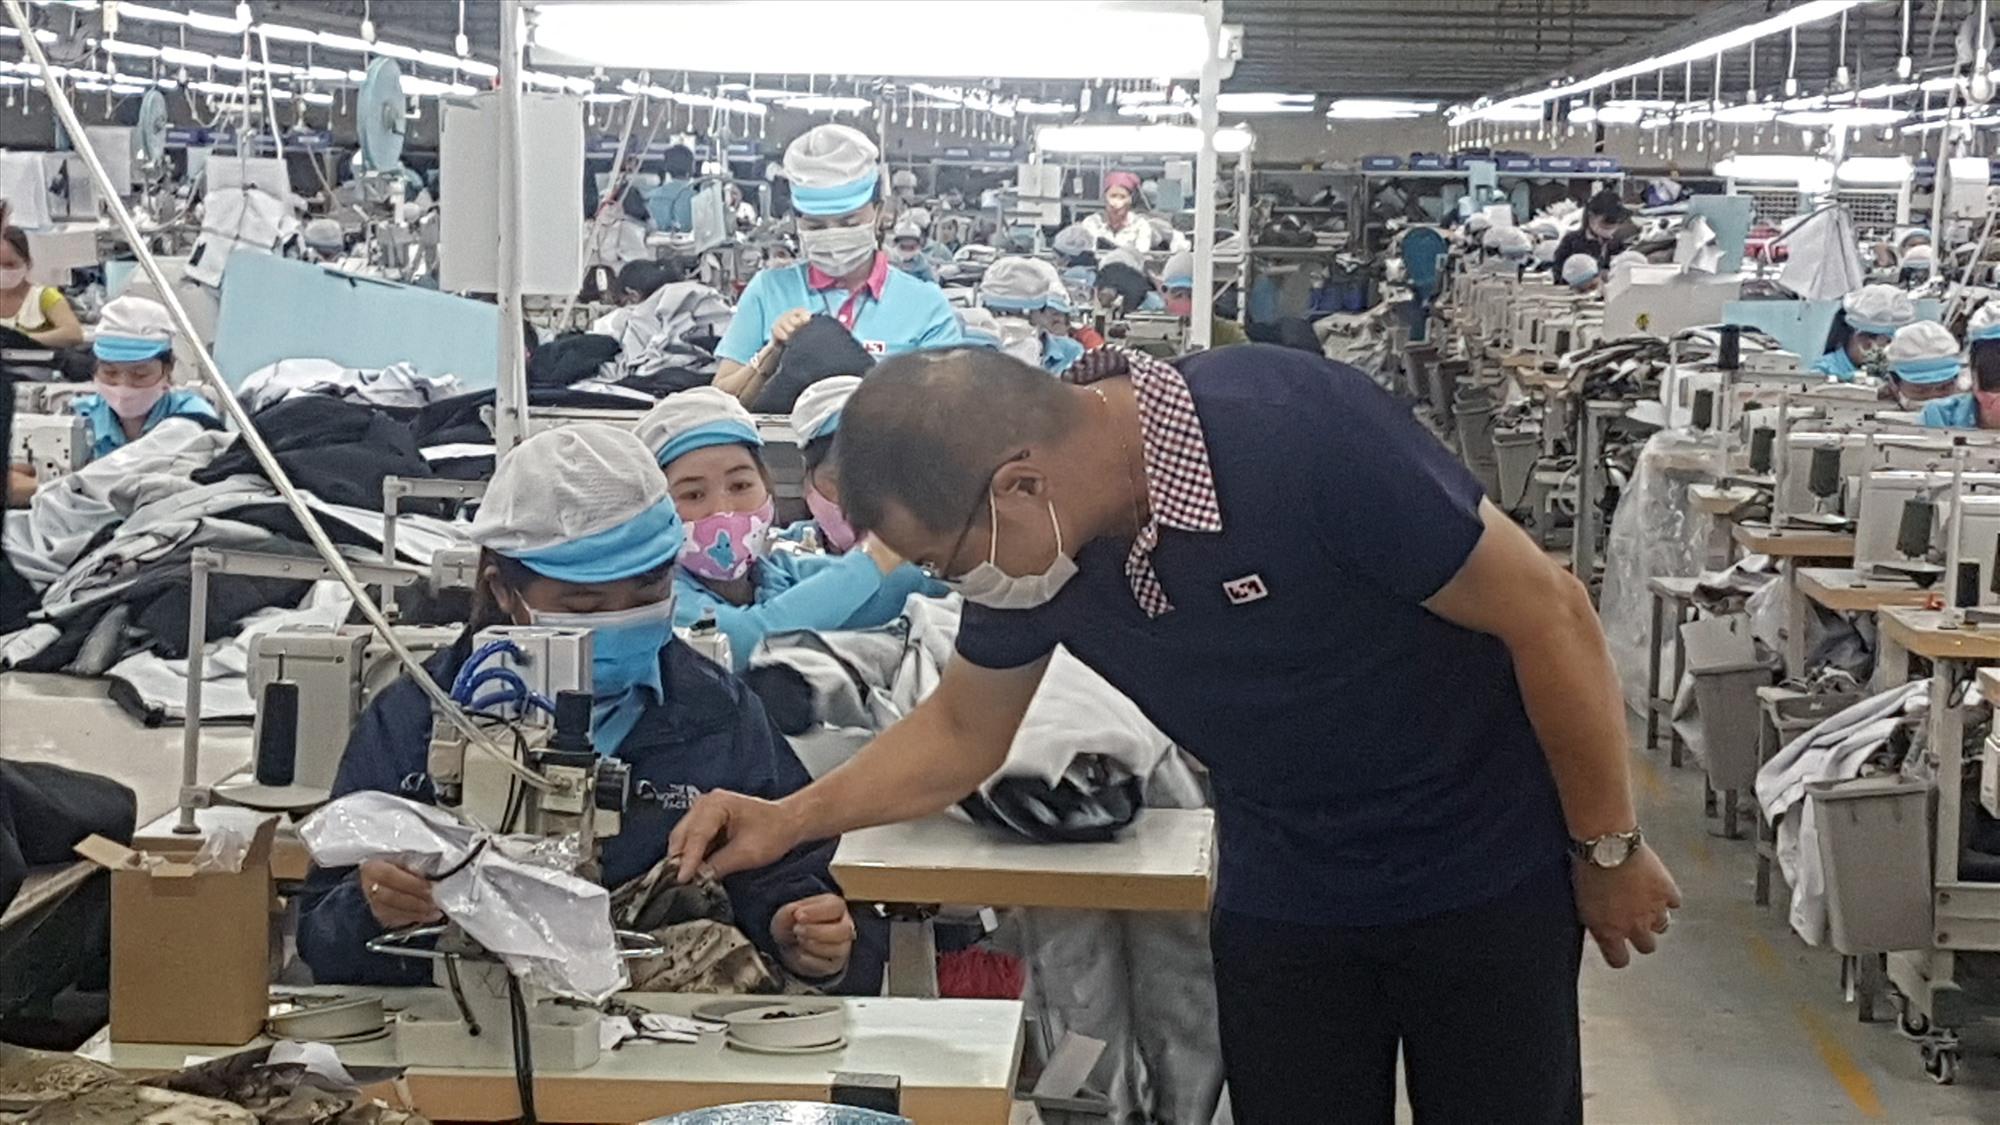 Nhiều doanh nghiệp đã cố gắng duy trì việc làm, thưởng tháng lương thứ 13 cho người lao động trong dịp Tết Tân Sửu. Ảnh: D.L